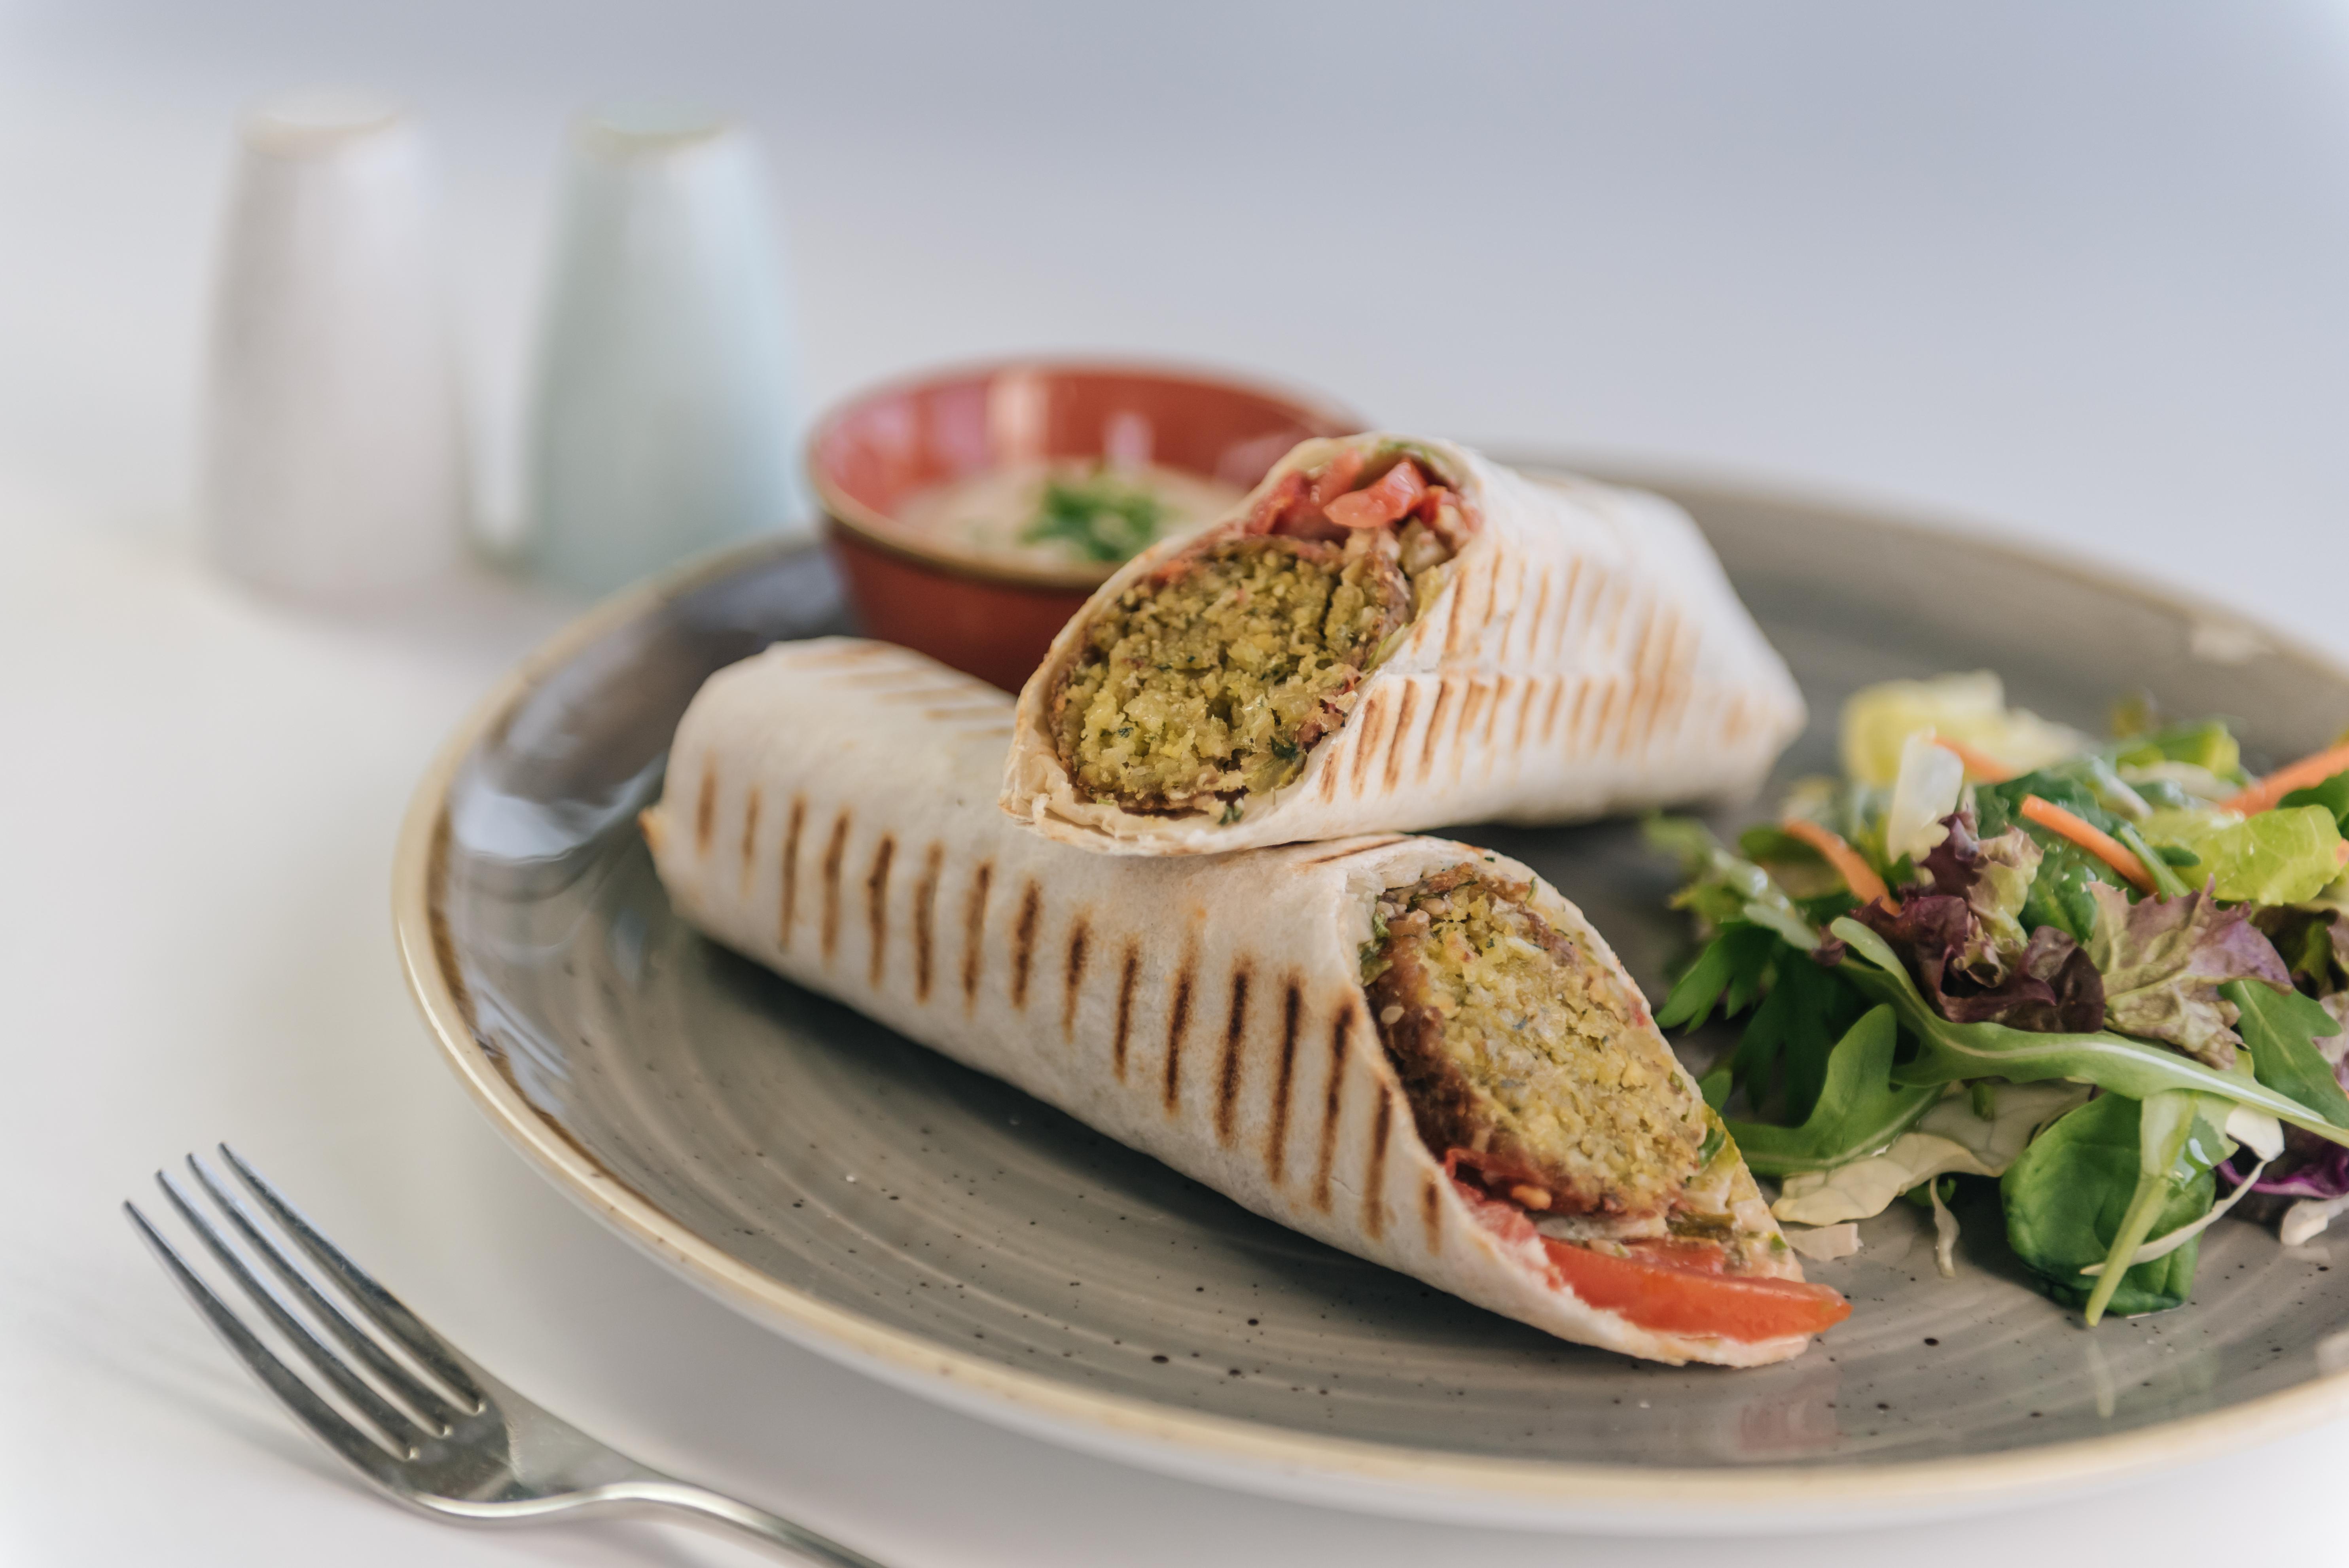 999 Falafel Wrap